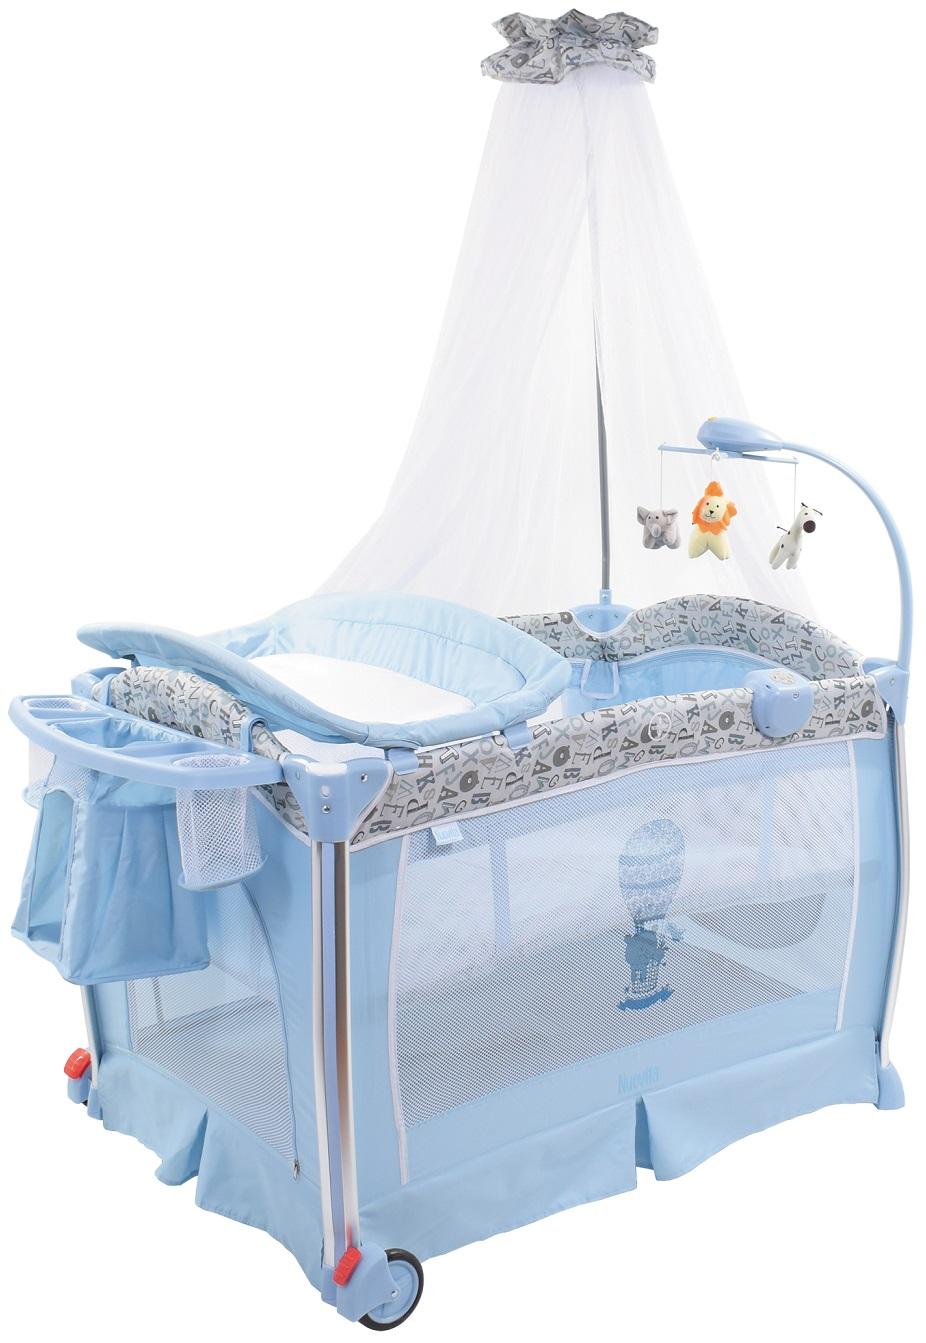 Купить Детская кровать-манеж Nuovita Fortezza, цвет - Azzurro / Лазурный